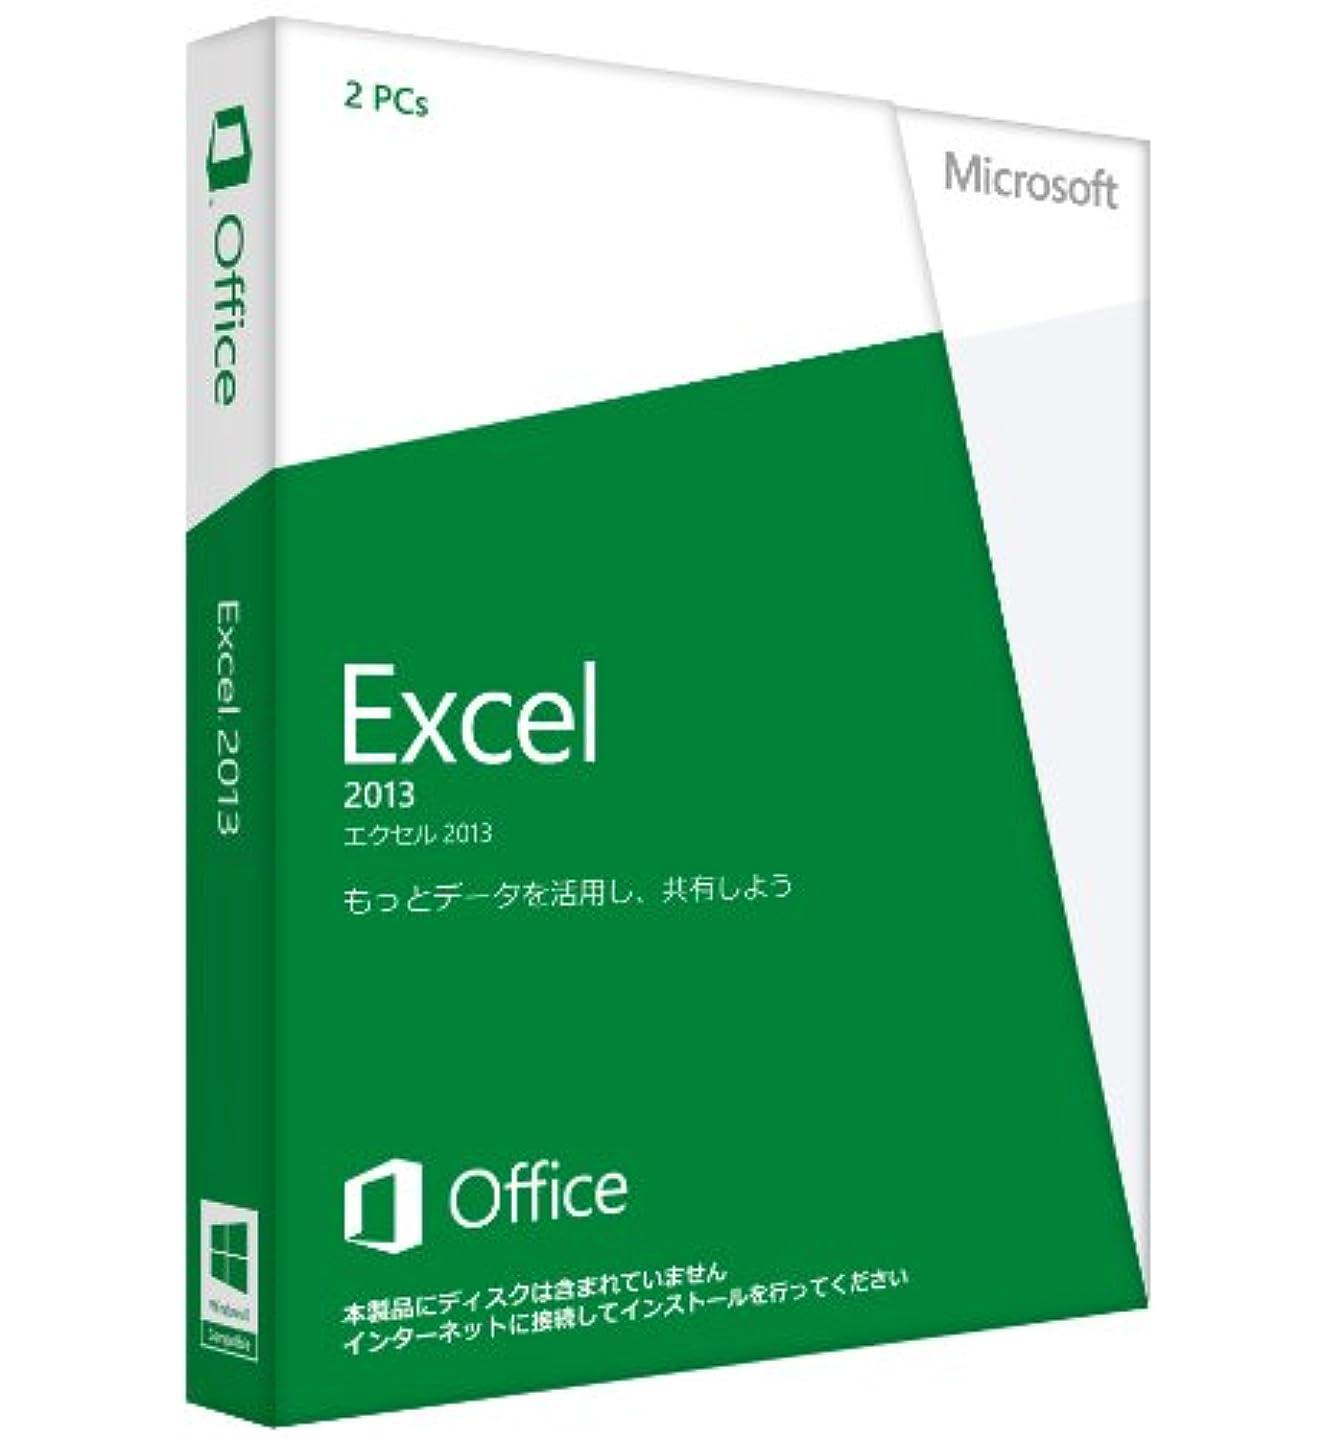 どれでも寄生虫タフ【旧商品/2016年メーカー出荷終了】Microsoft Office Excel 2013 通常版 [プロダクトキーのみ] [パッケージ] [Windows版](PC2台/1ライセンス)